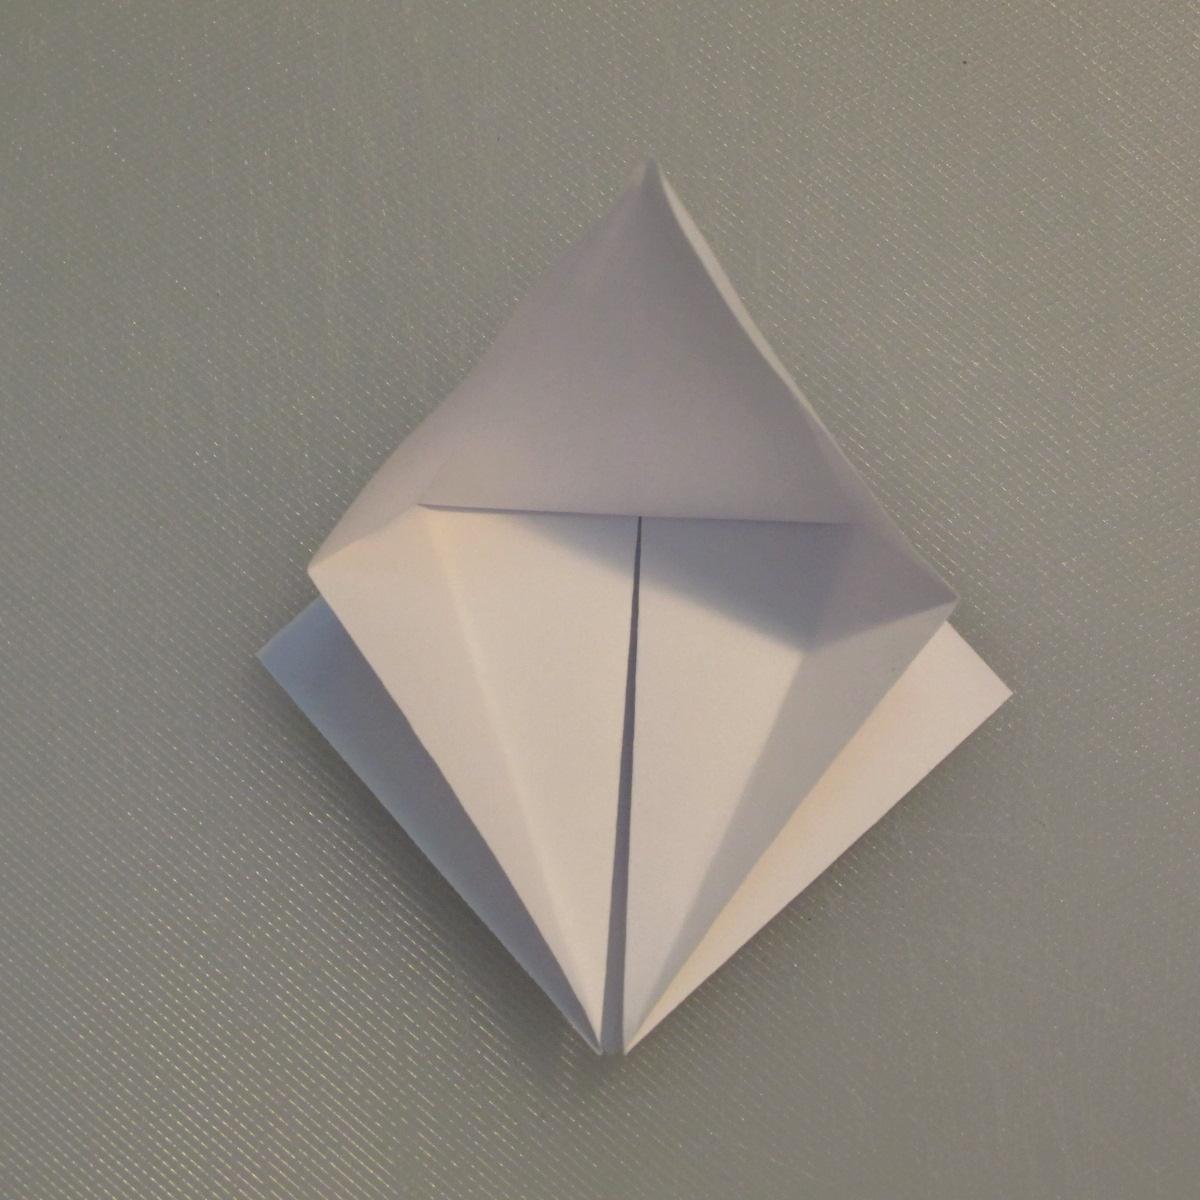 วิธีพับกระดาษเป็นรูปนกกระเรียน 006